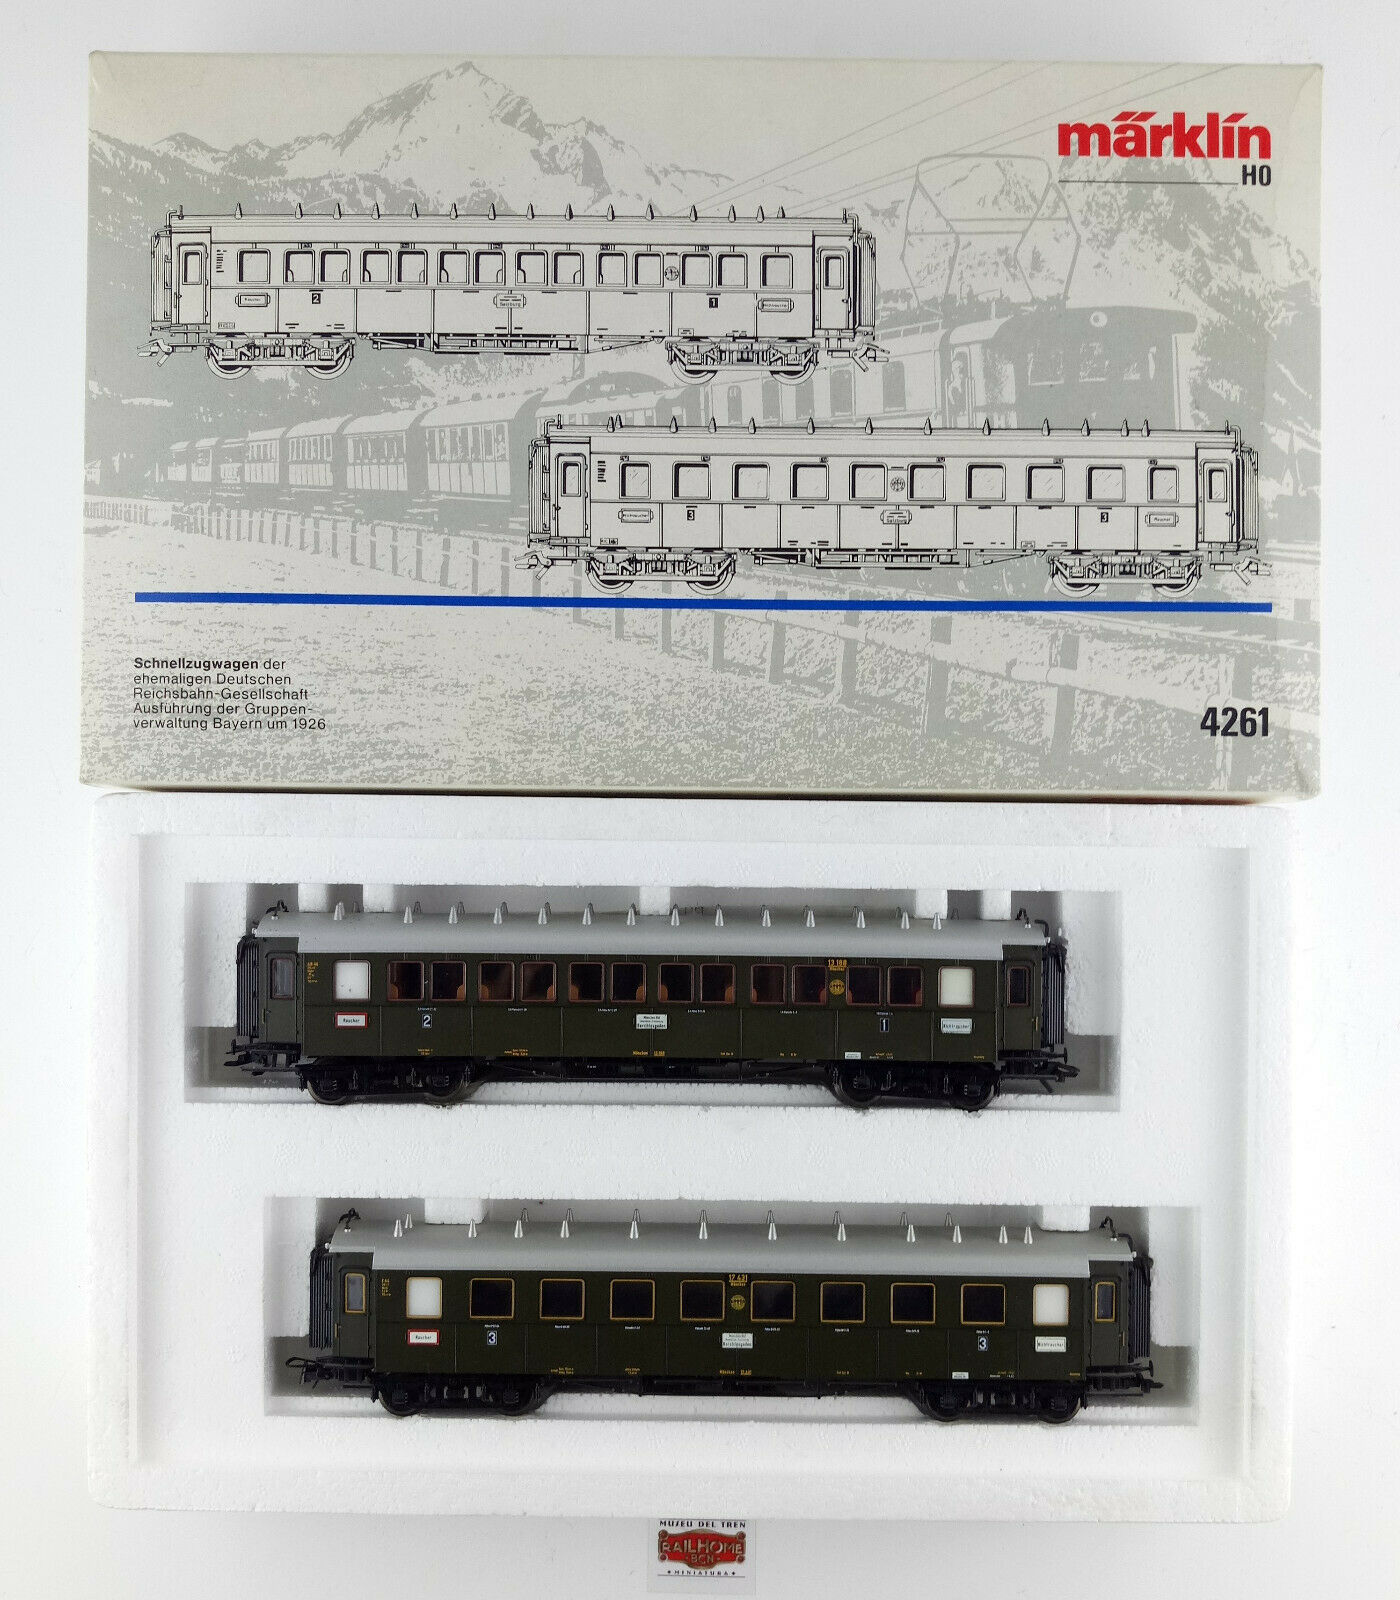 Marklin h0 4261-set of two cars 1926 1ª 2ª 3ª Class passengers-original box